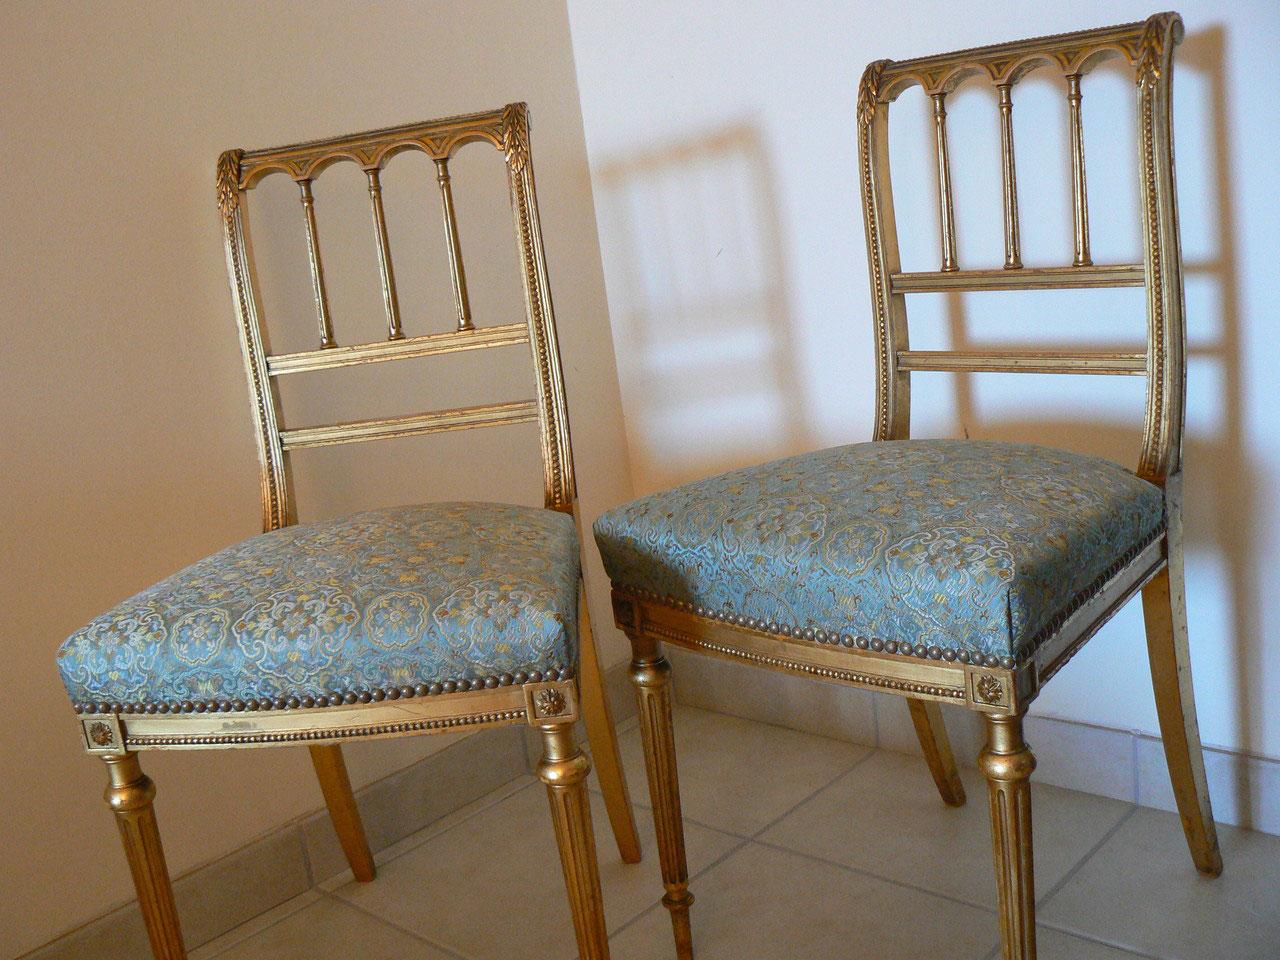 r fection de fauteuils site jimdo de atelier manuela. Black Bedroom Furniture Sets. Home Design Ideas